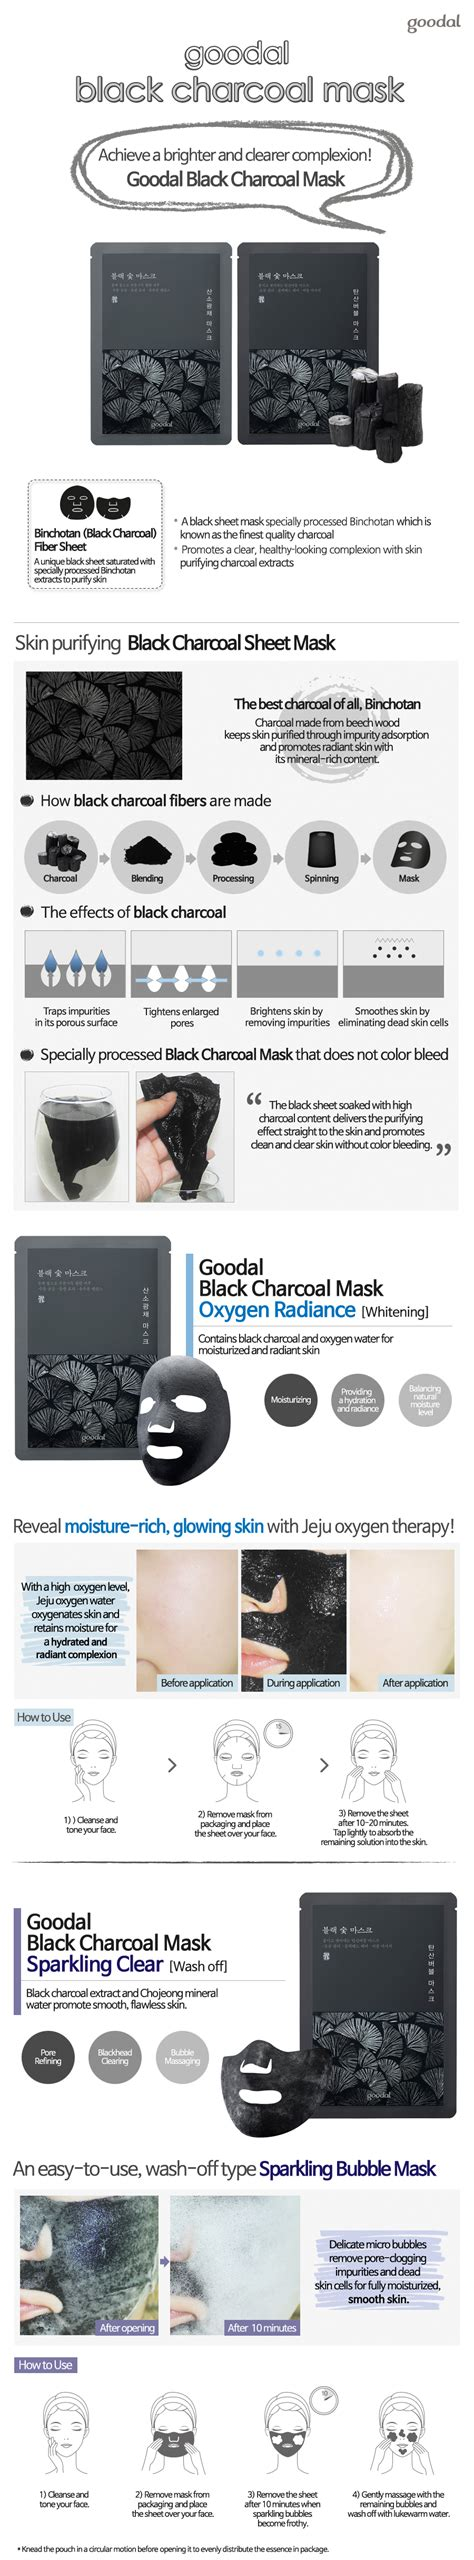 Goodal Black Charcoal Mask 2 Types goodal black charcoal mask 5ea goodal